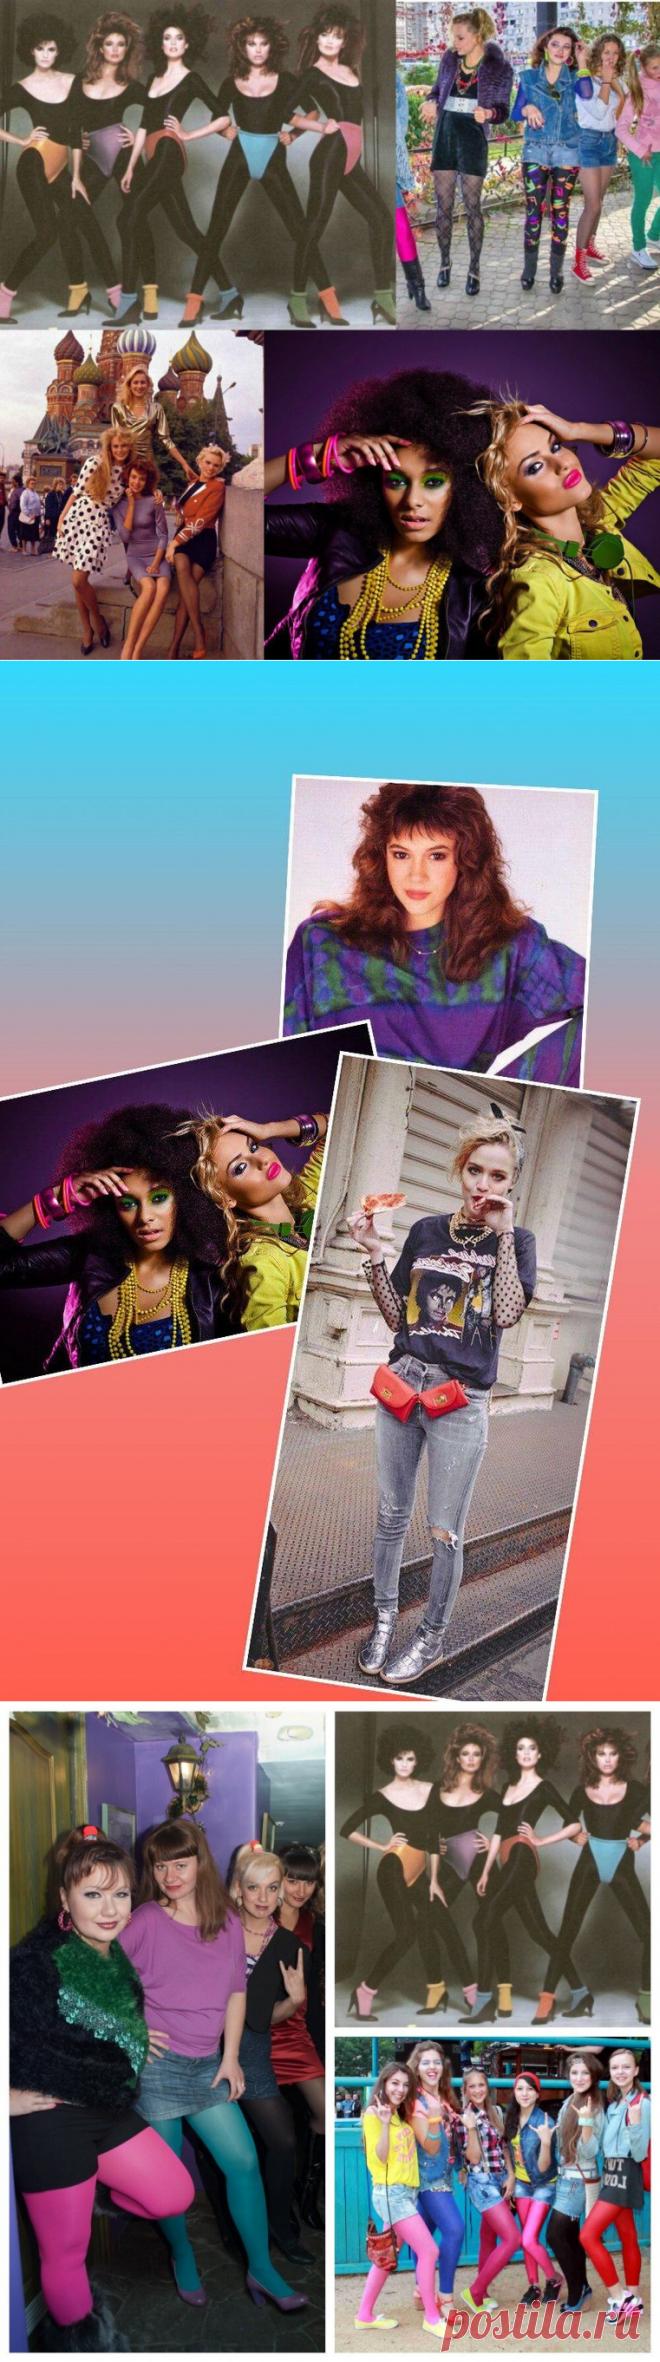 Какими были женщины в 1991 году? | Секреты Счастливых Отношений | Яндекс Дзен